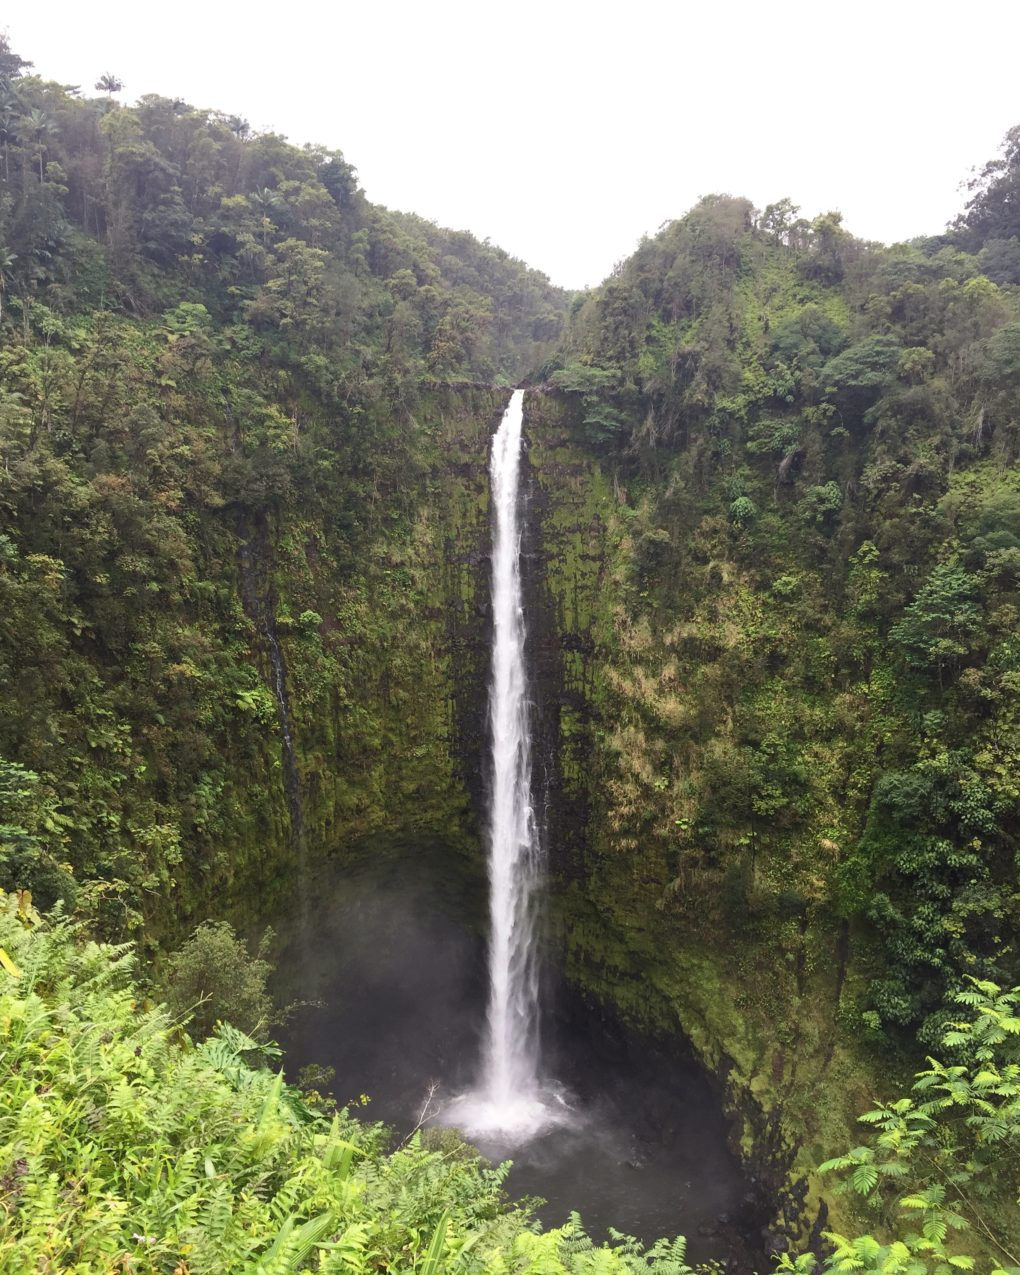 Babymoon_Hawaii_TwentySixandThenSome_8